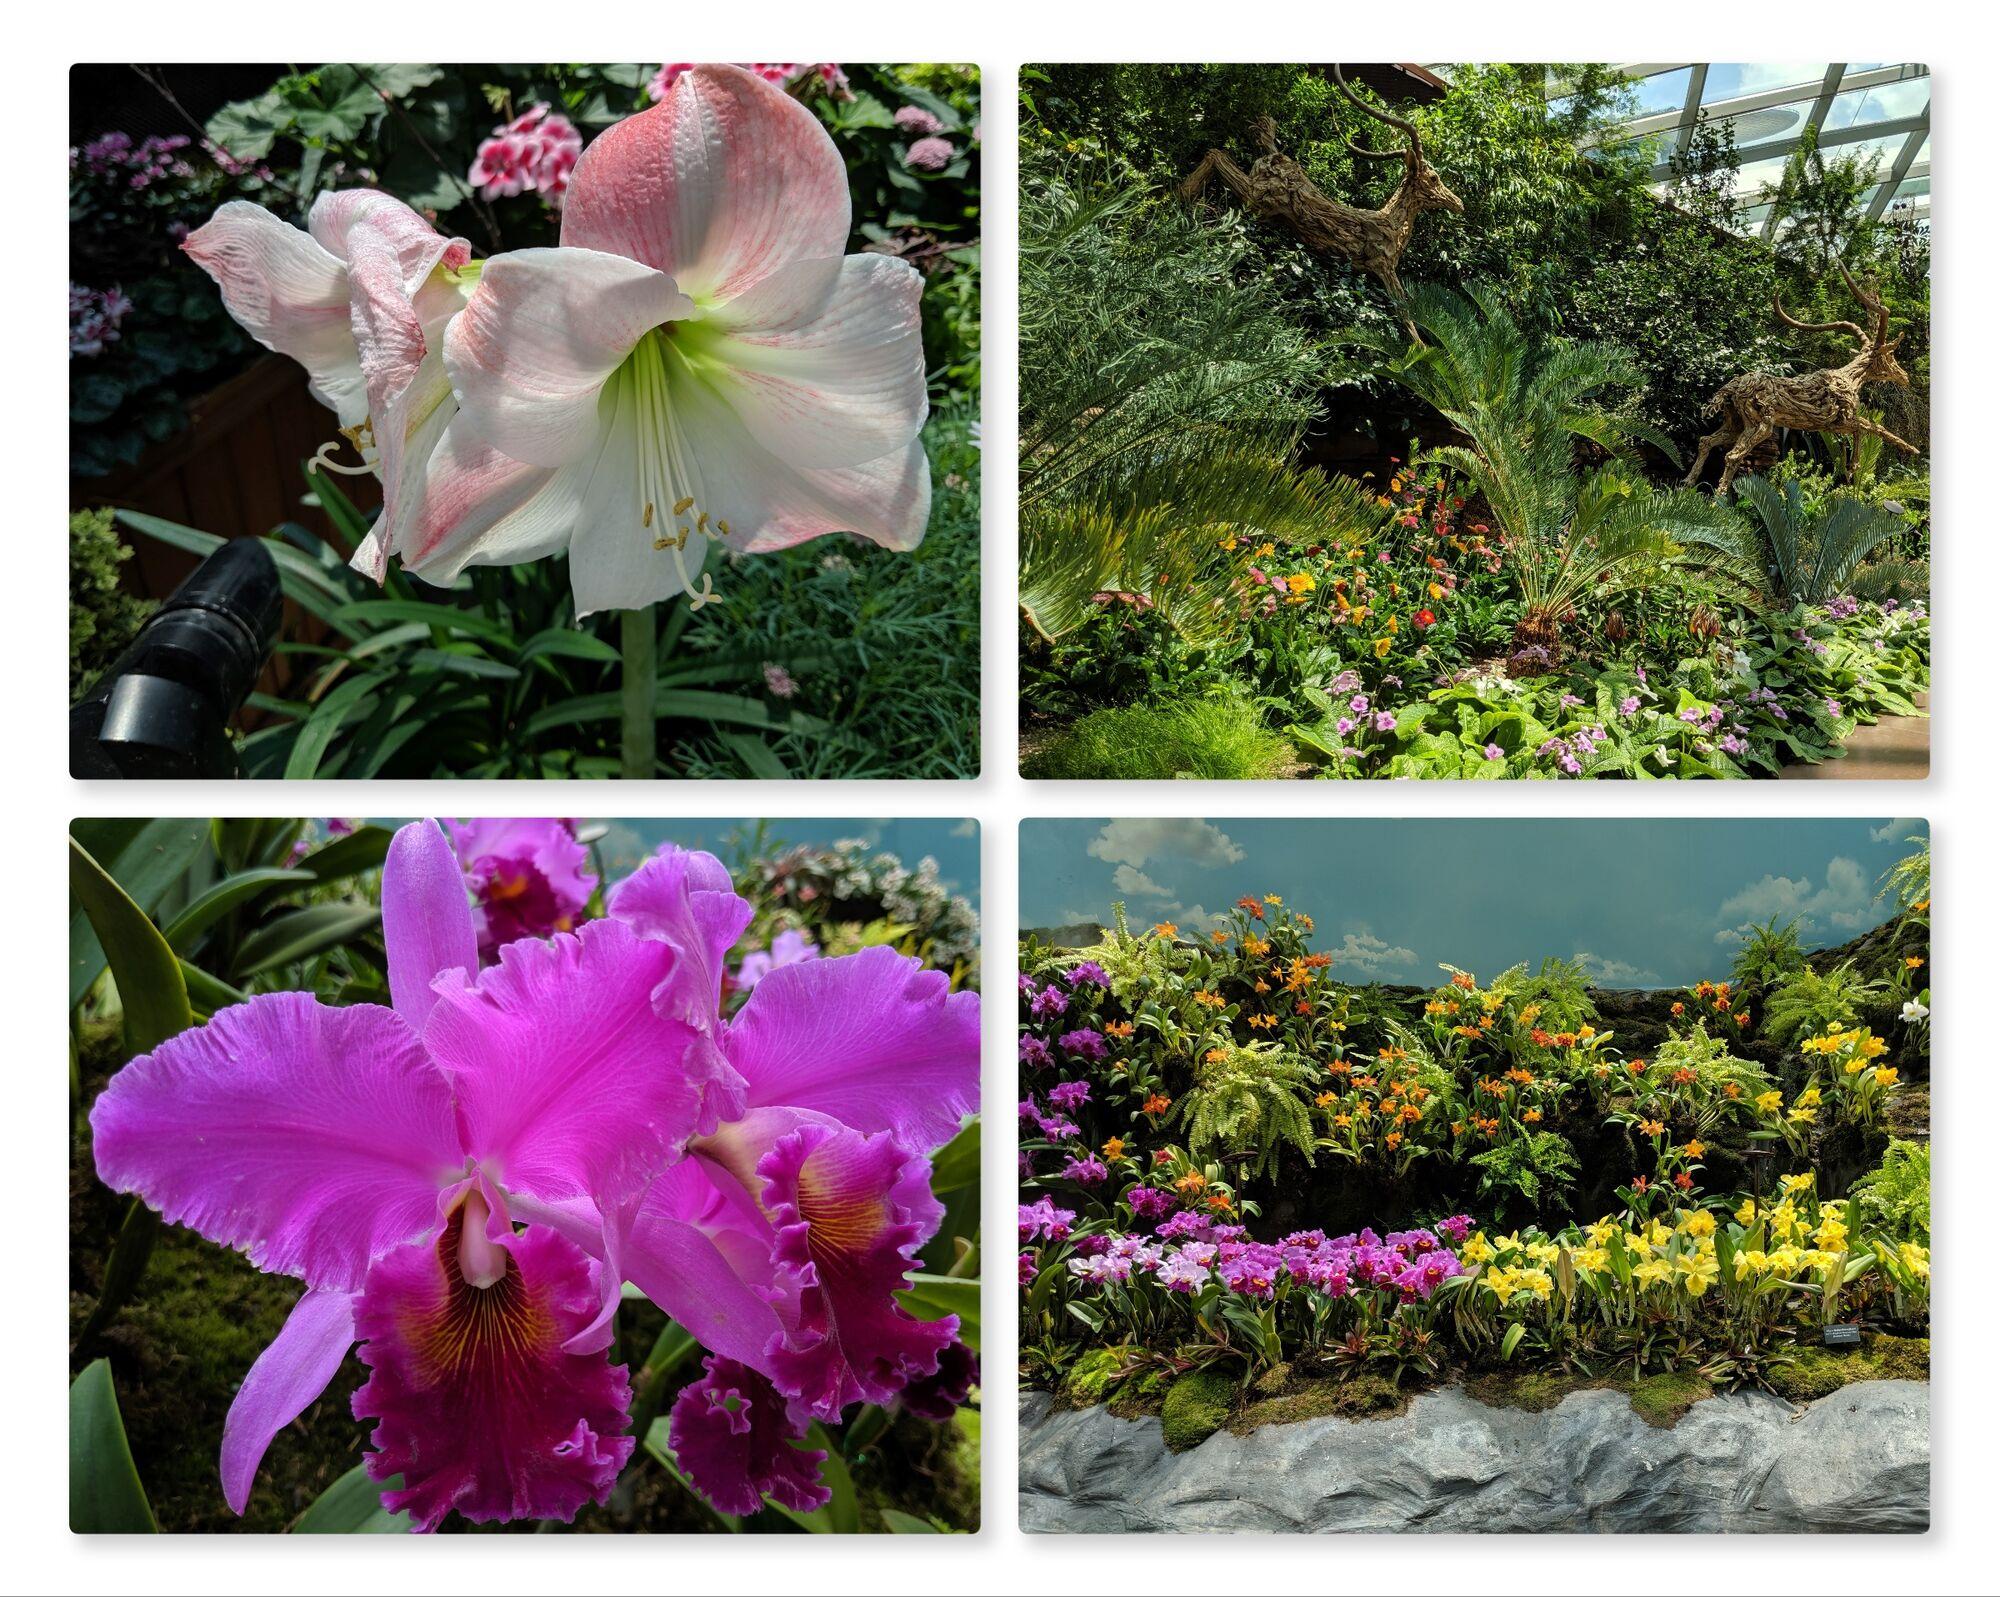 Various plant varieties on display